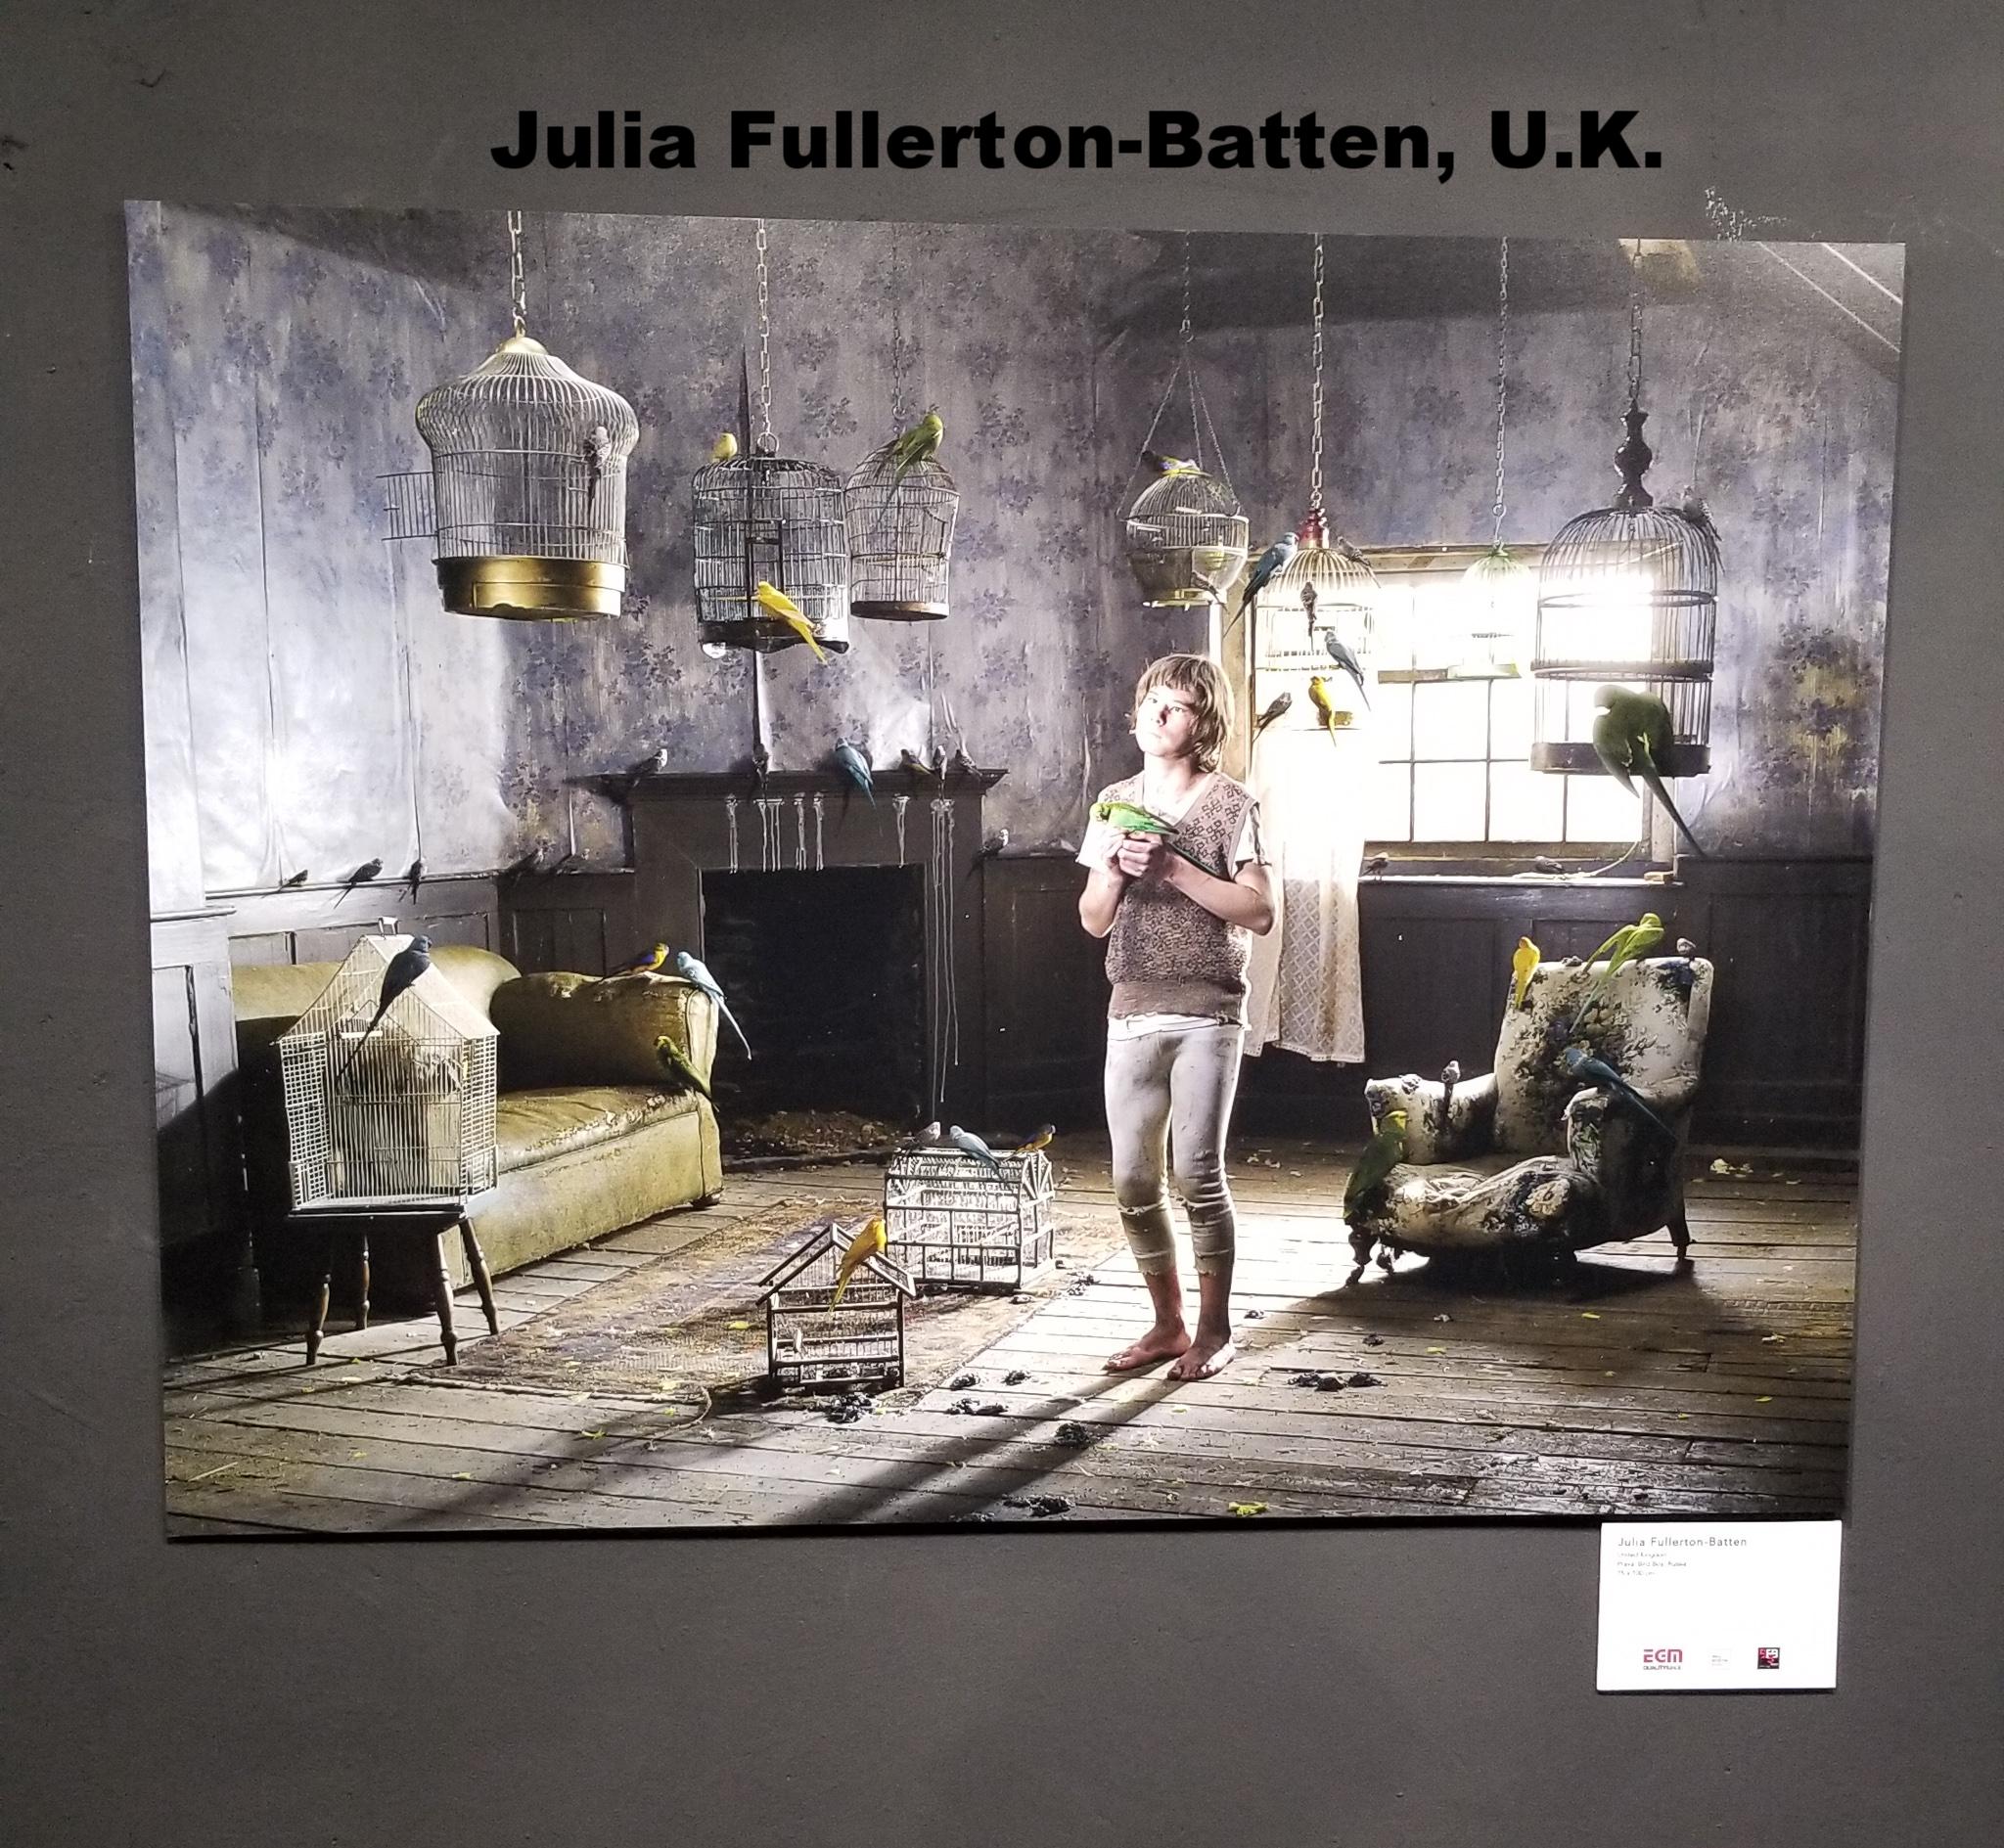 Julia Fullerton-Batten, UNited Kindgom